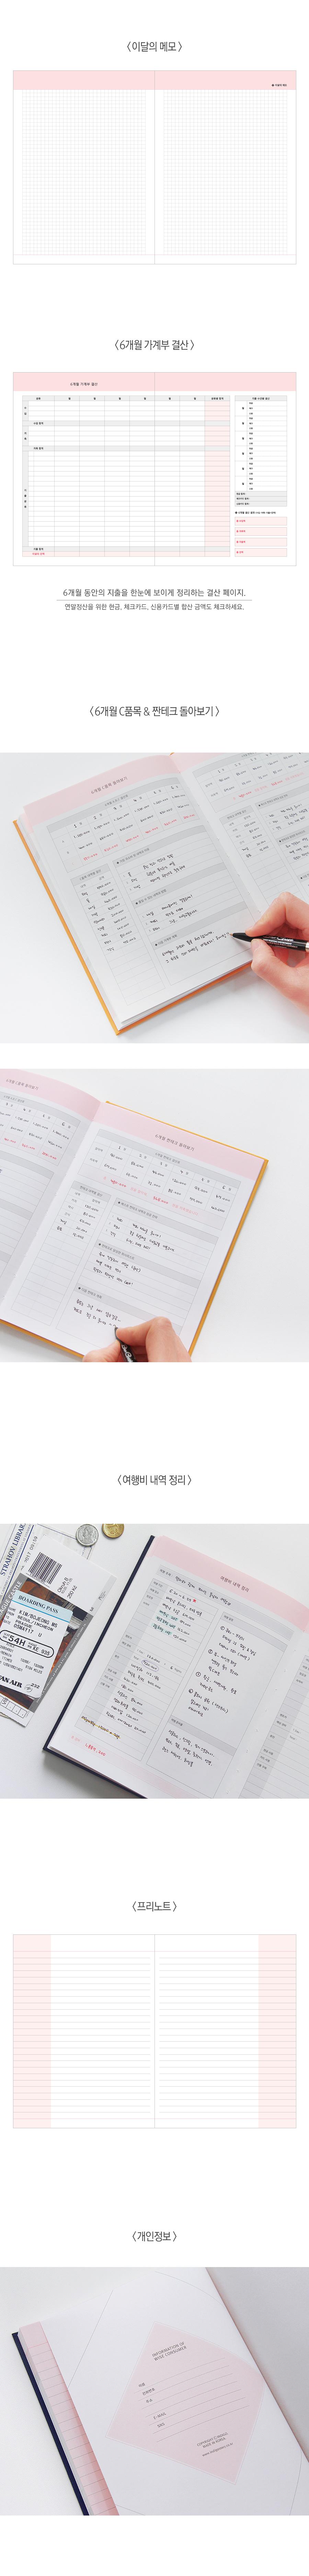 프리즘 캐쉬북 (6개월용)9,800원-인디고디자인문구, 플래너/스케줄러, 플래너, 가계부바보사랑프리즘 캐쉬북 (6개월용)9,800원-인디고디자인문구, 플래너/스케줄러, 플래너, 가계부바보사랑